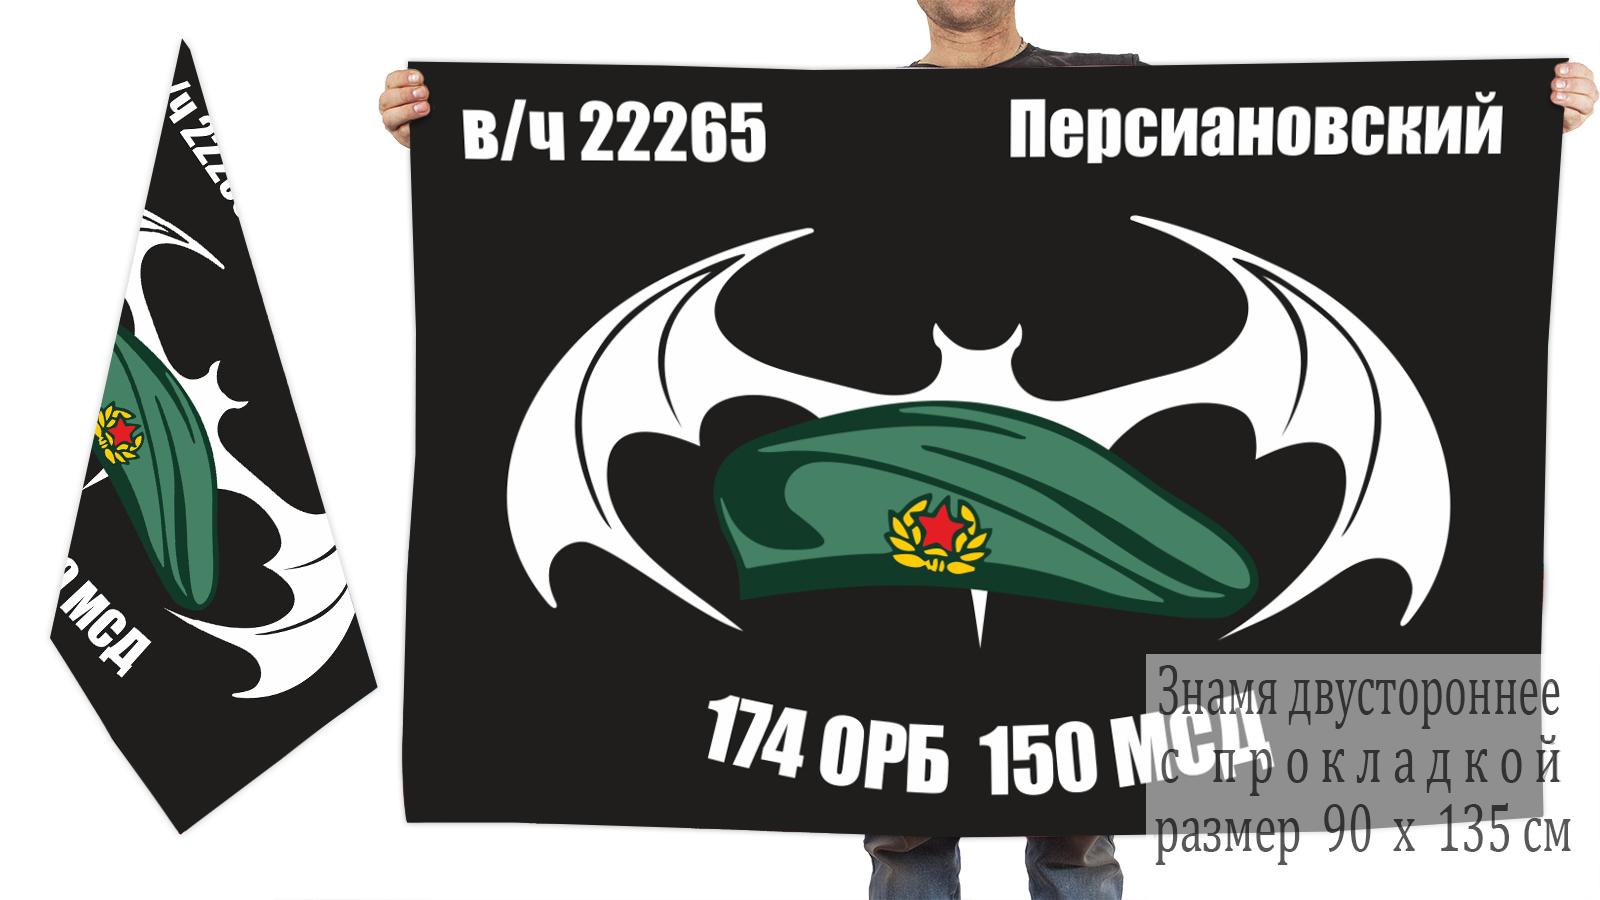 Двусторонний флаг 174 ОРБ 150 МСД